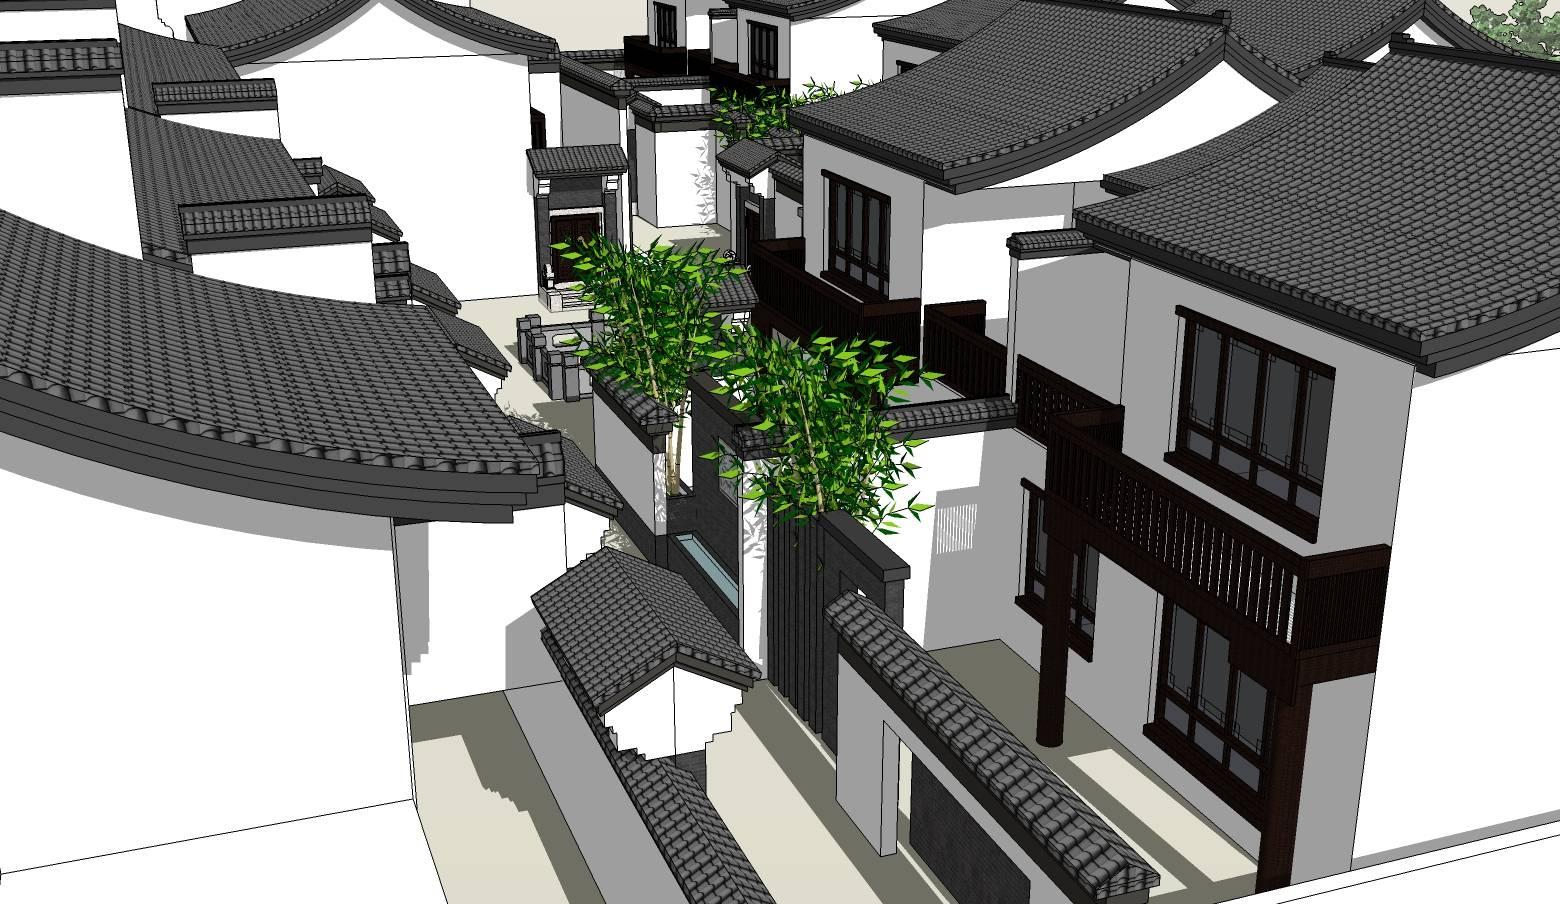 中式风格黑白灰徽派建筑特色民俗住宅建筑sketchup模型